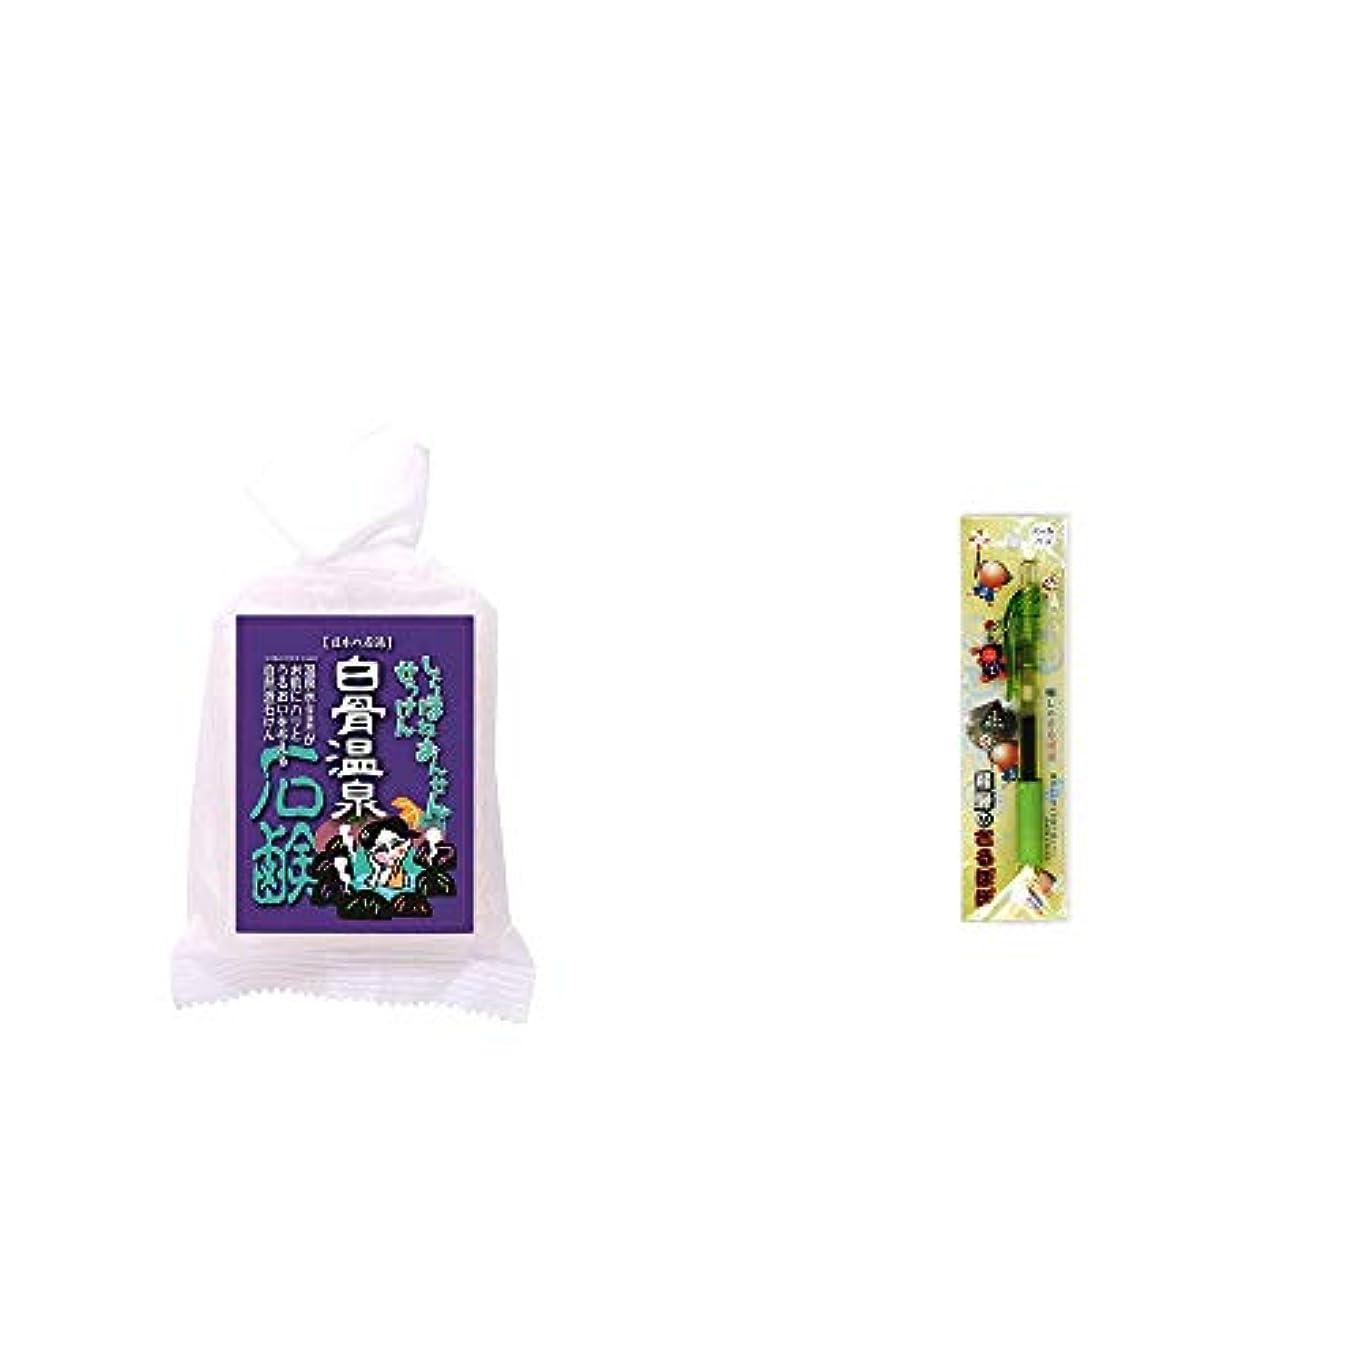 過ちコークス眠り[2点セット] 信州 白骨温泉石鹸(80g)?さるぼぼ 癒しボールペン 【グリーン】